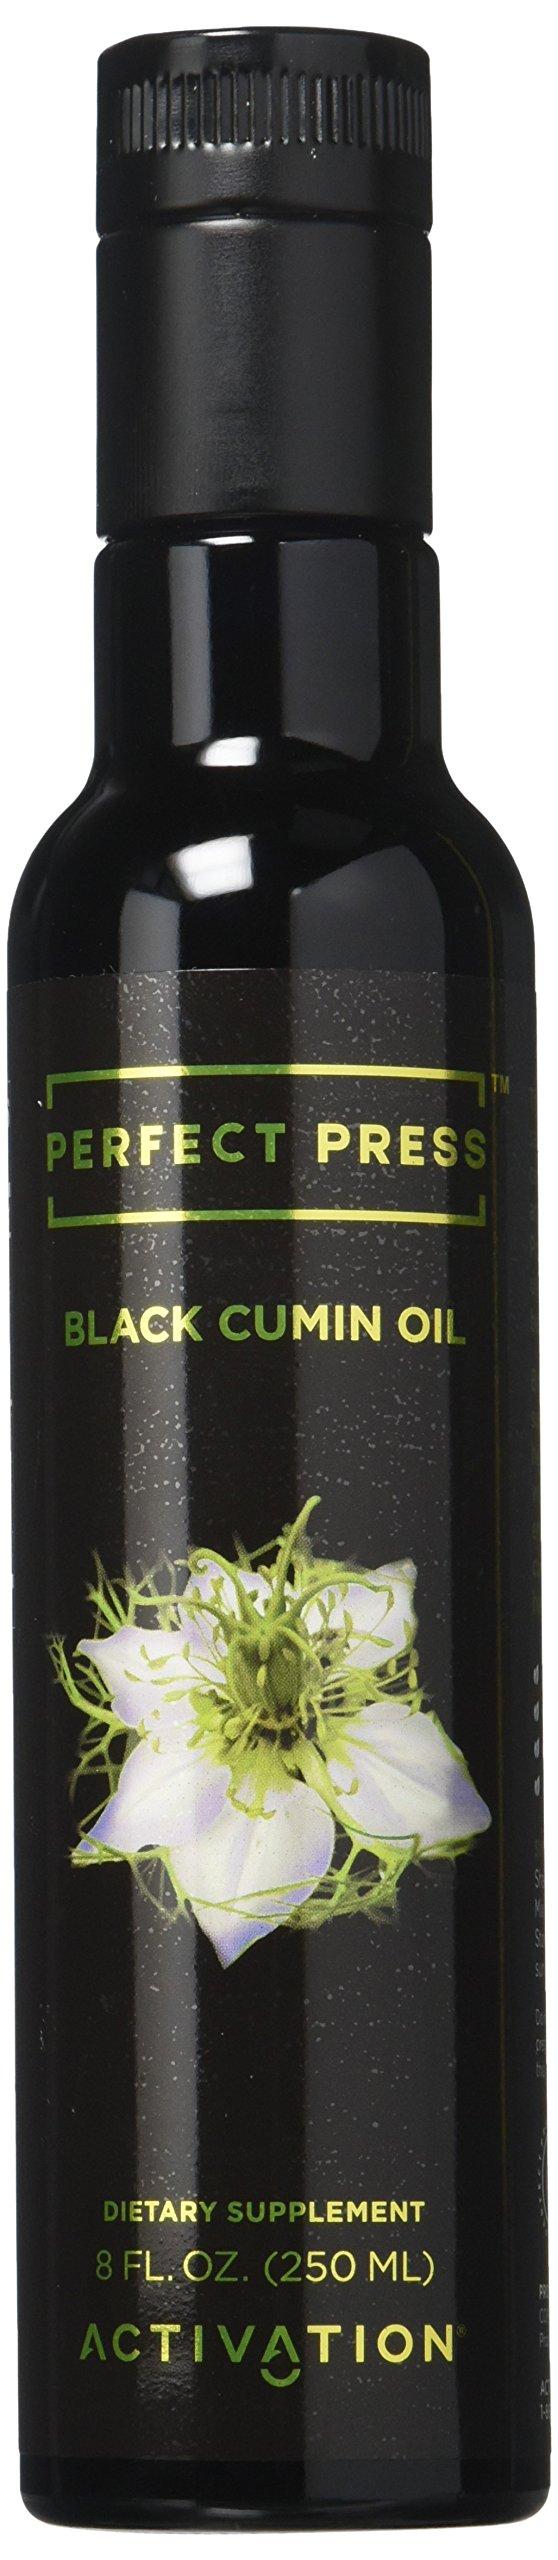 Perfect Press, Black Cumin Seed Oil, Nigella Sativa, Immune System Booster, Vitamins B1, B2, B3, Digestive Support, Vegan, Organic, Gluten Free, 250 Milliliter